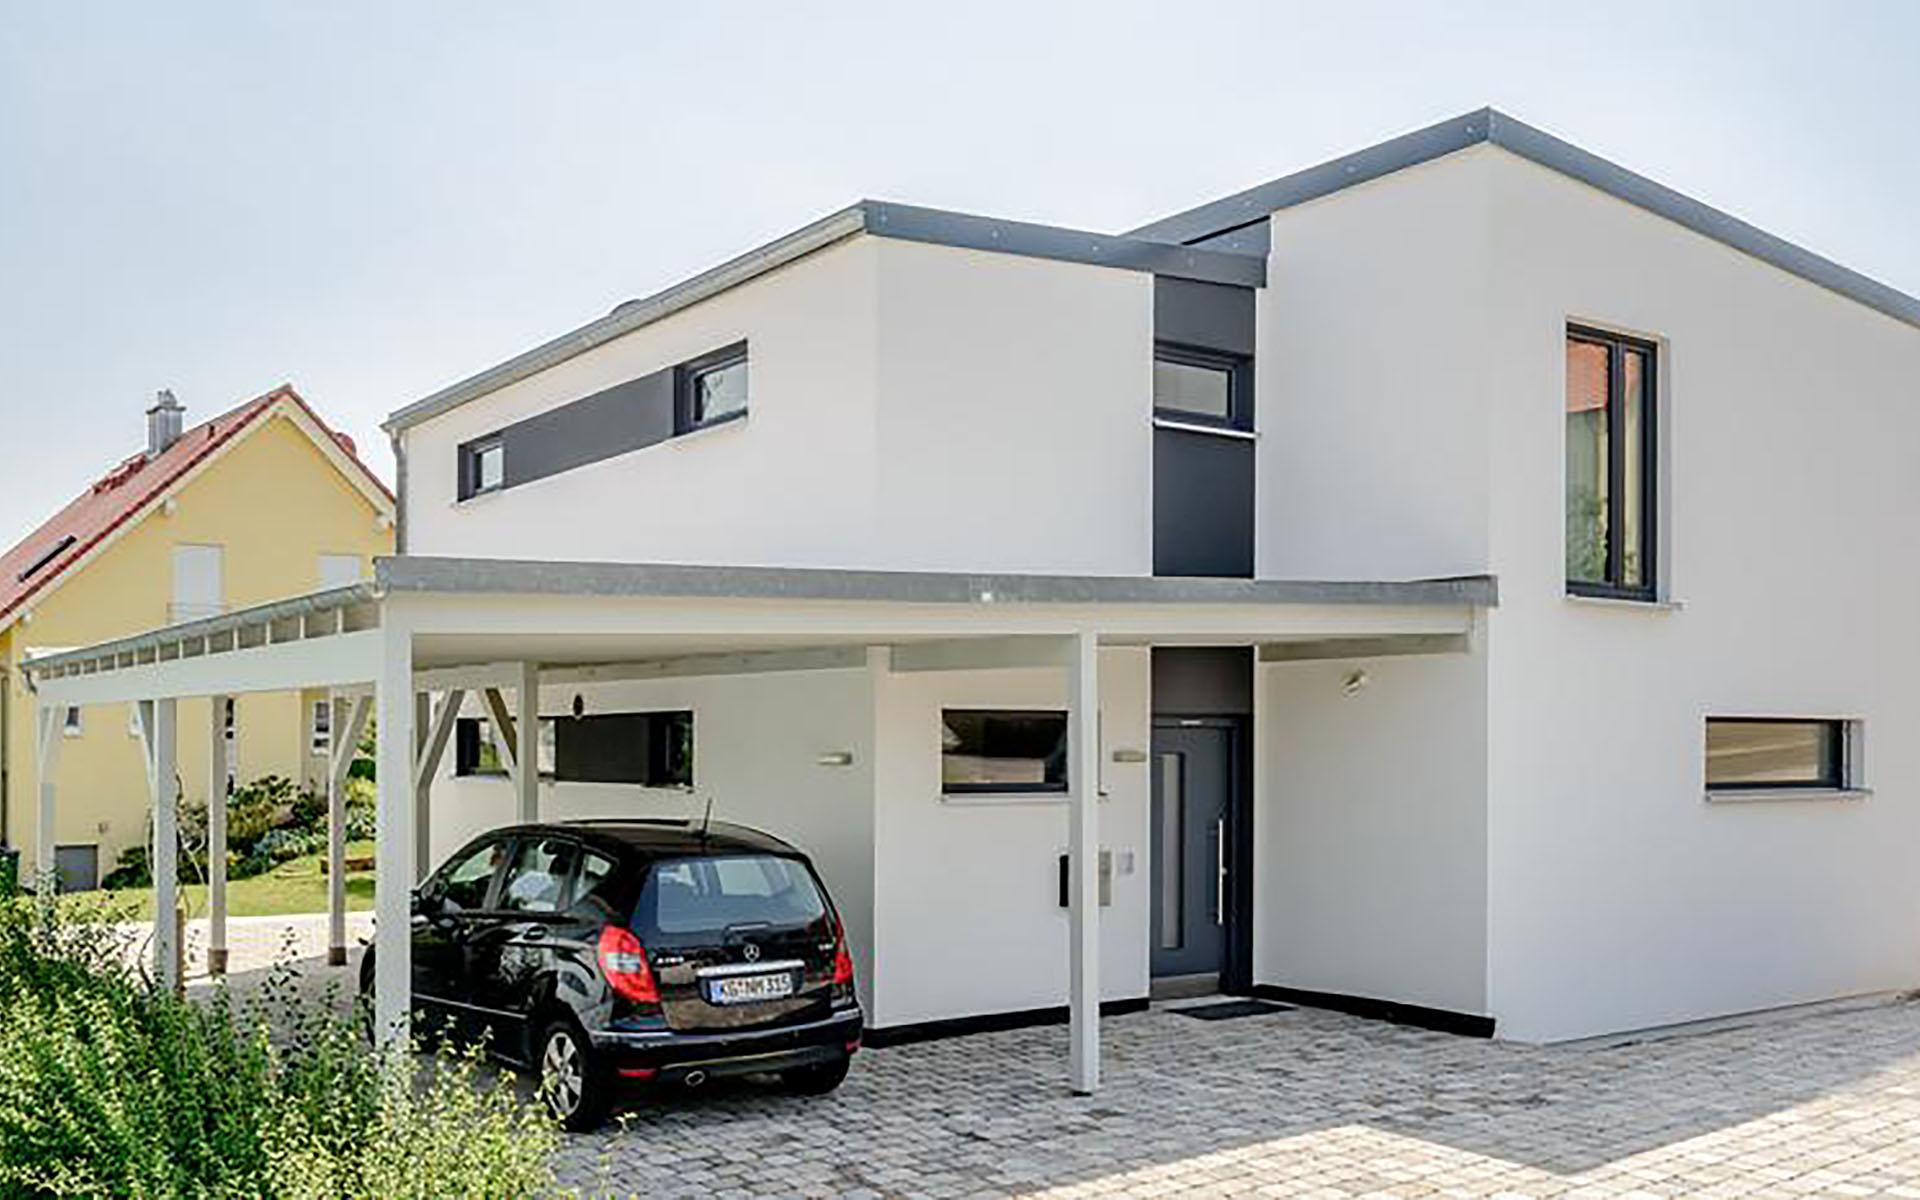 Garitz von Albert-Haus GmbH & Co. KG